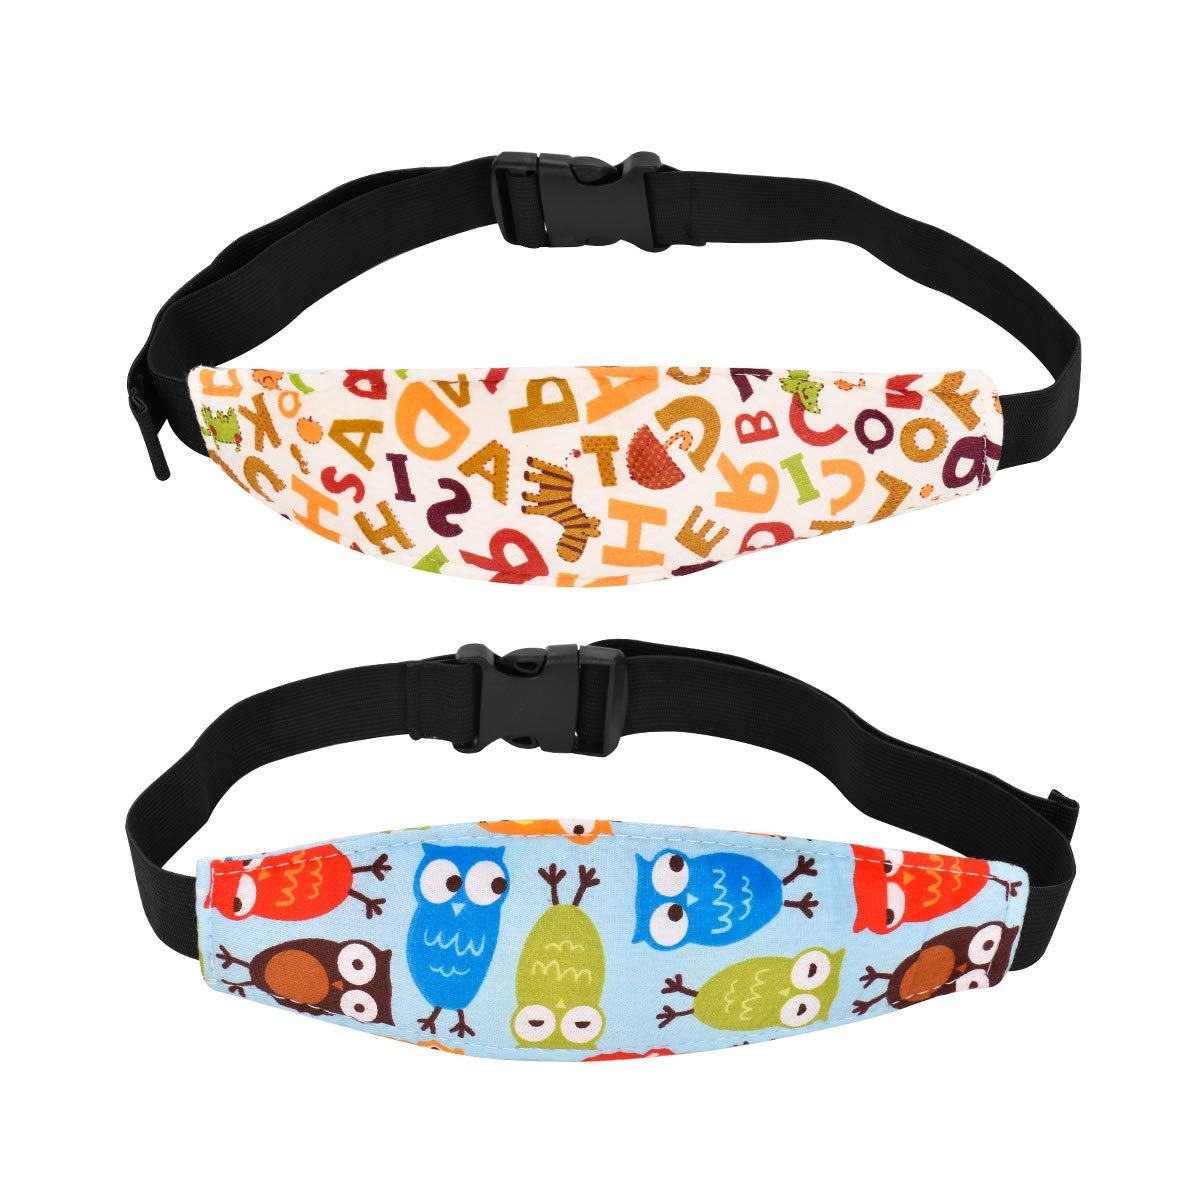 Bebés Soporte de la Cabeza, Cinturón de Seguridad de Coche para Niños y Bebés, Cinturón Ajustable de Seguridad Fijación Protección de Cabeza - 2 PCS: ...